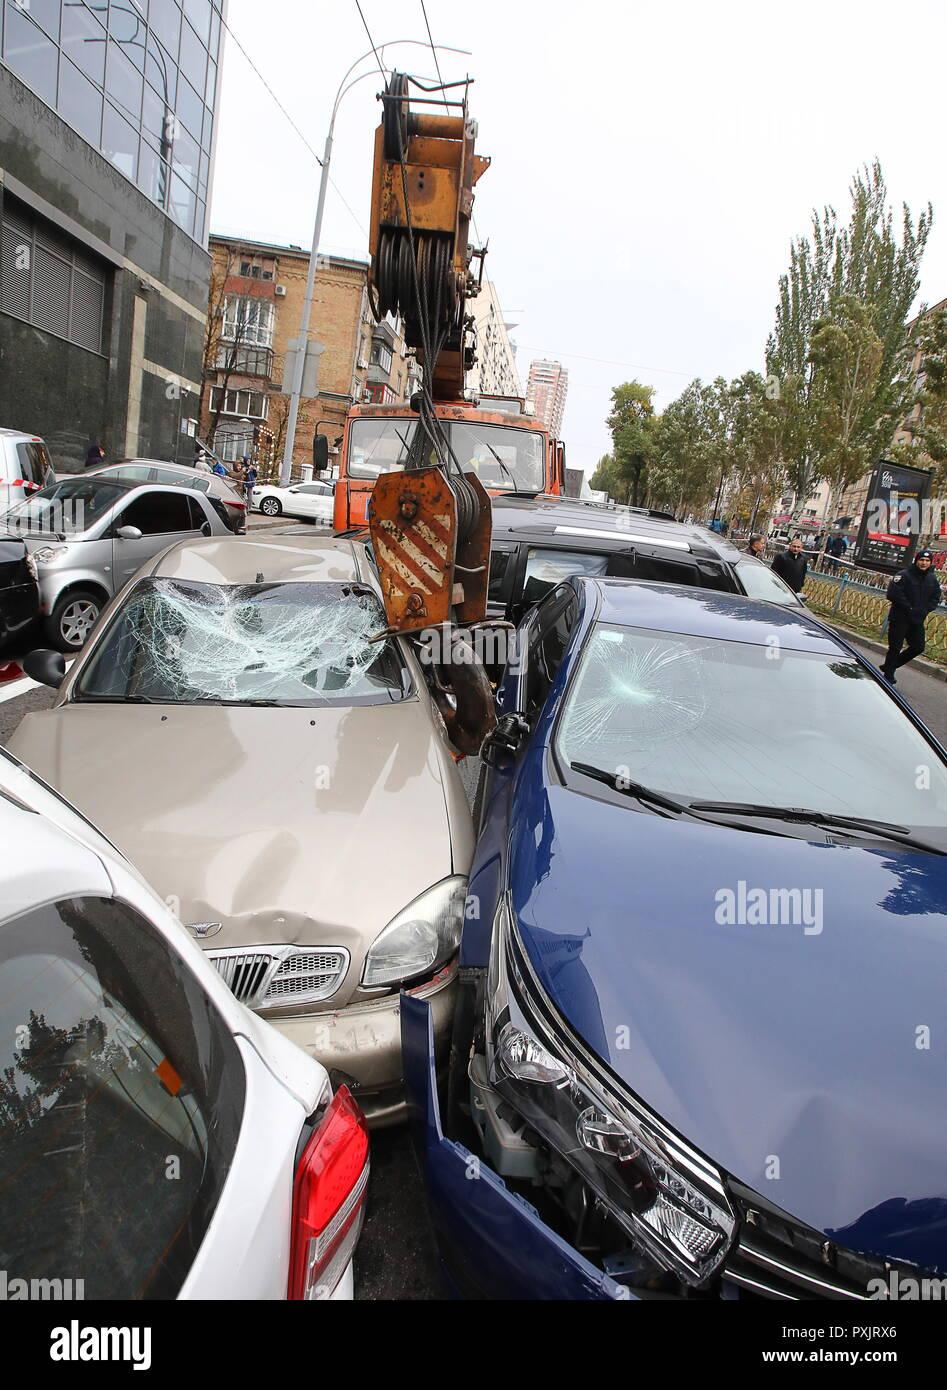 Brake Failure Stock Photos & Brake Failure Stock Images - Alamy